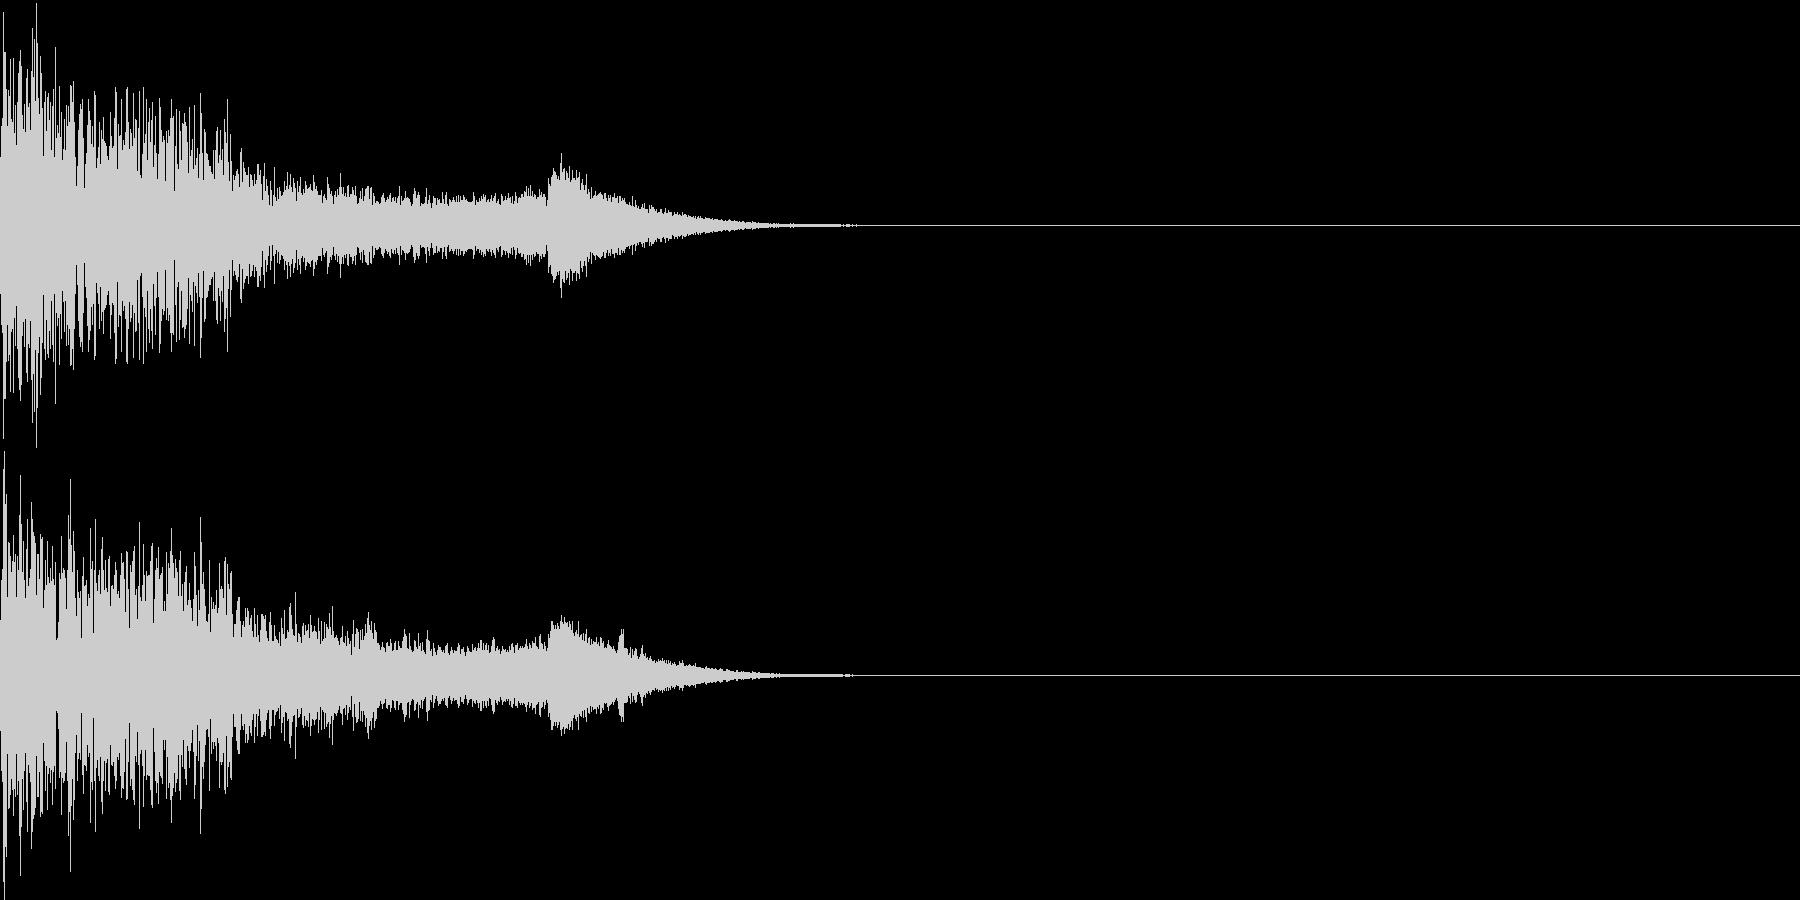 衝撃 金属音 恐怖 震撼 ホラー 34の未再生の波形